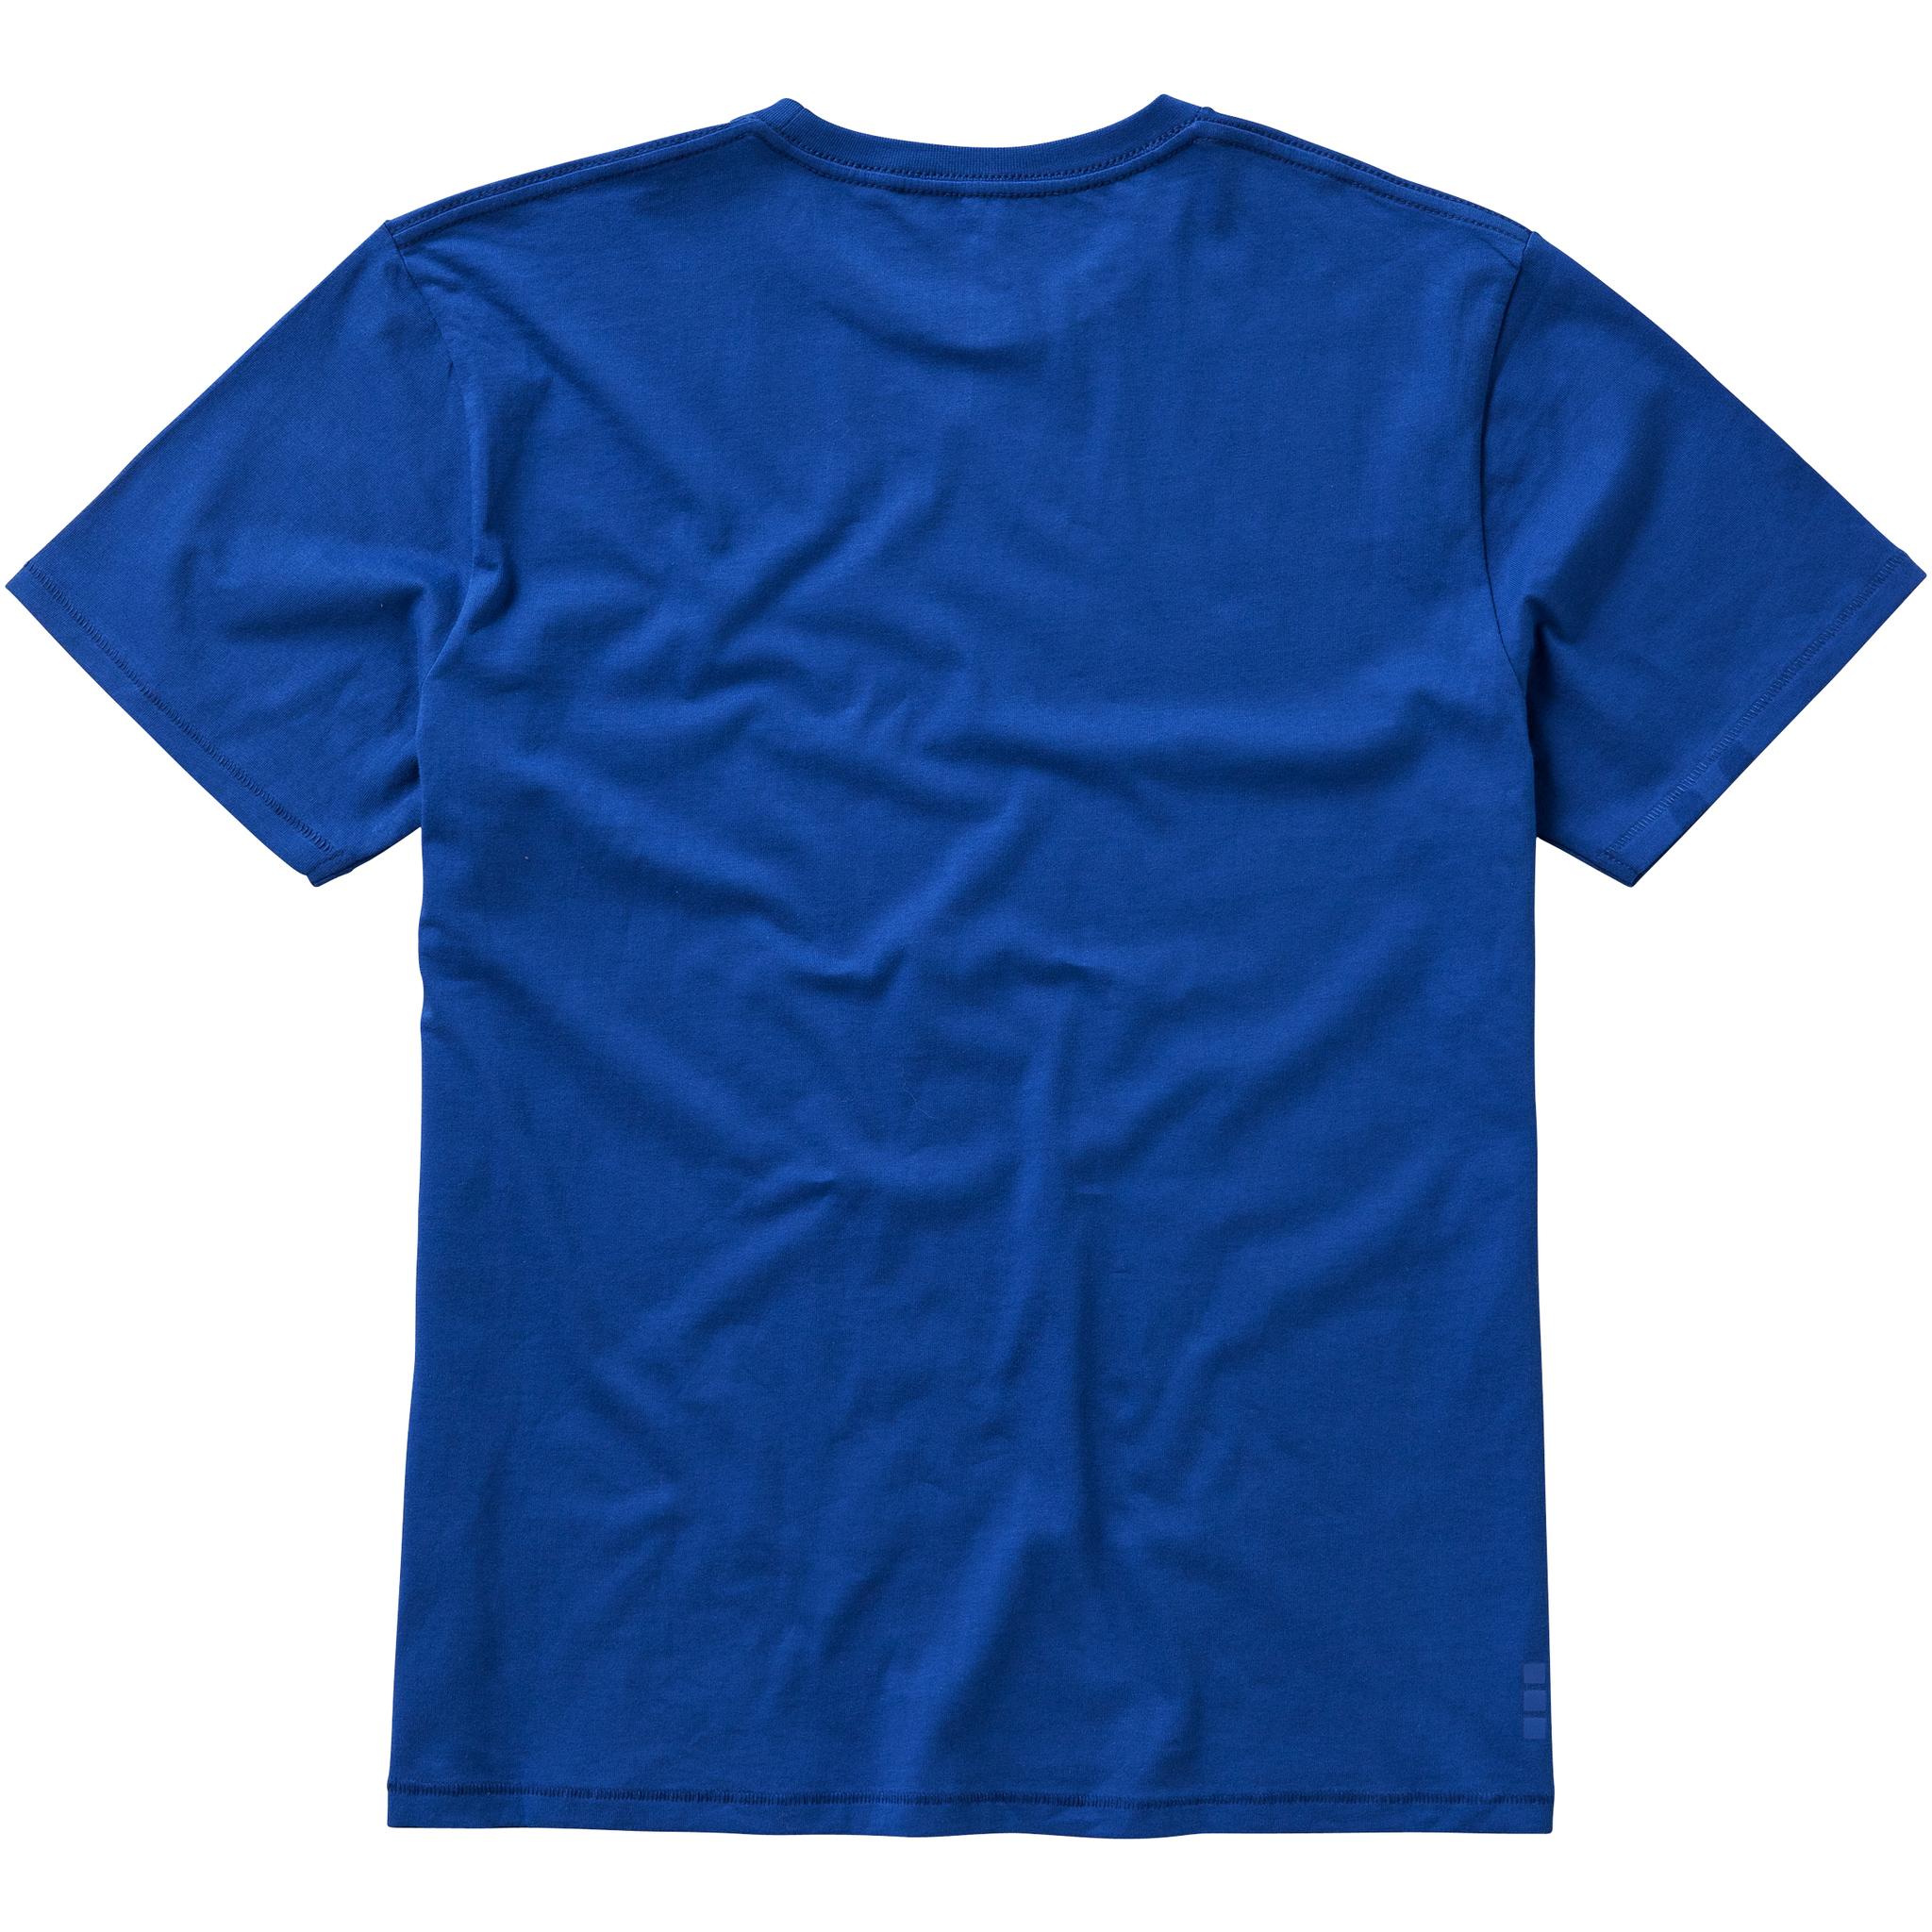 Elevate-Mens-Nanaimo-Short-Sleeve-T-Shirt-PF1807 thumbnail 16